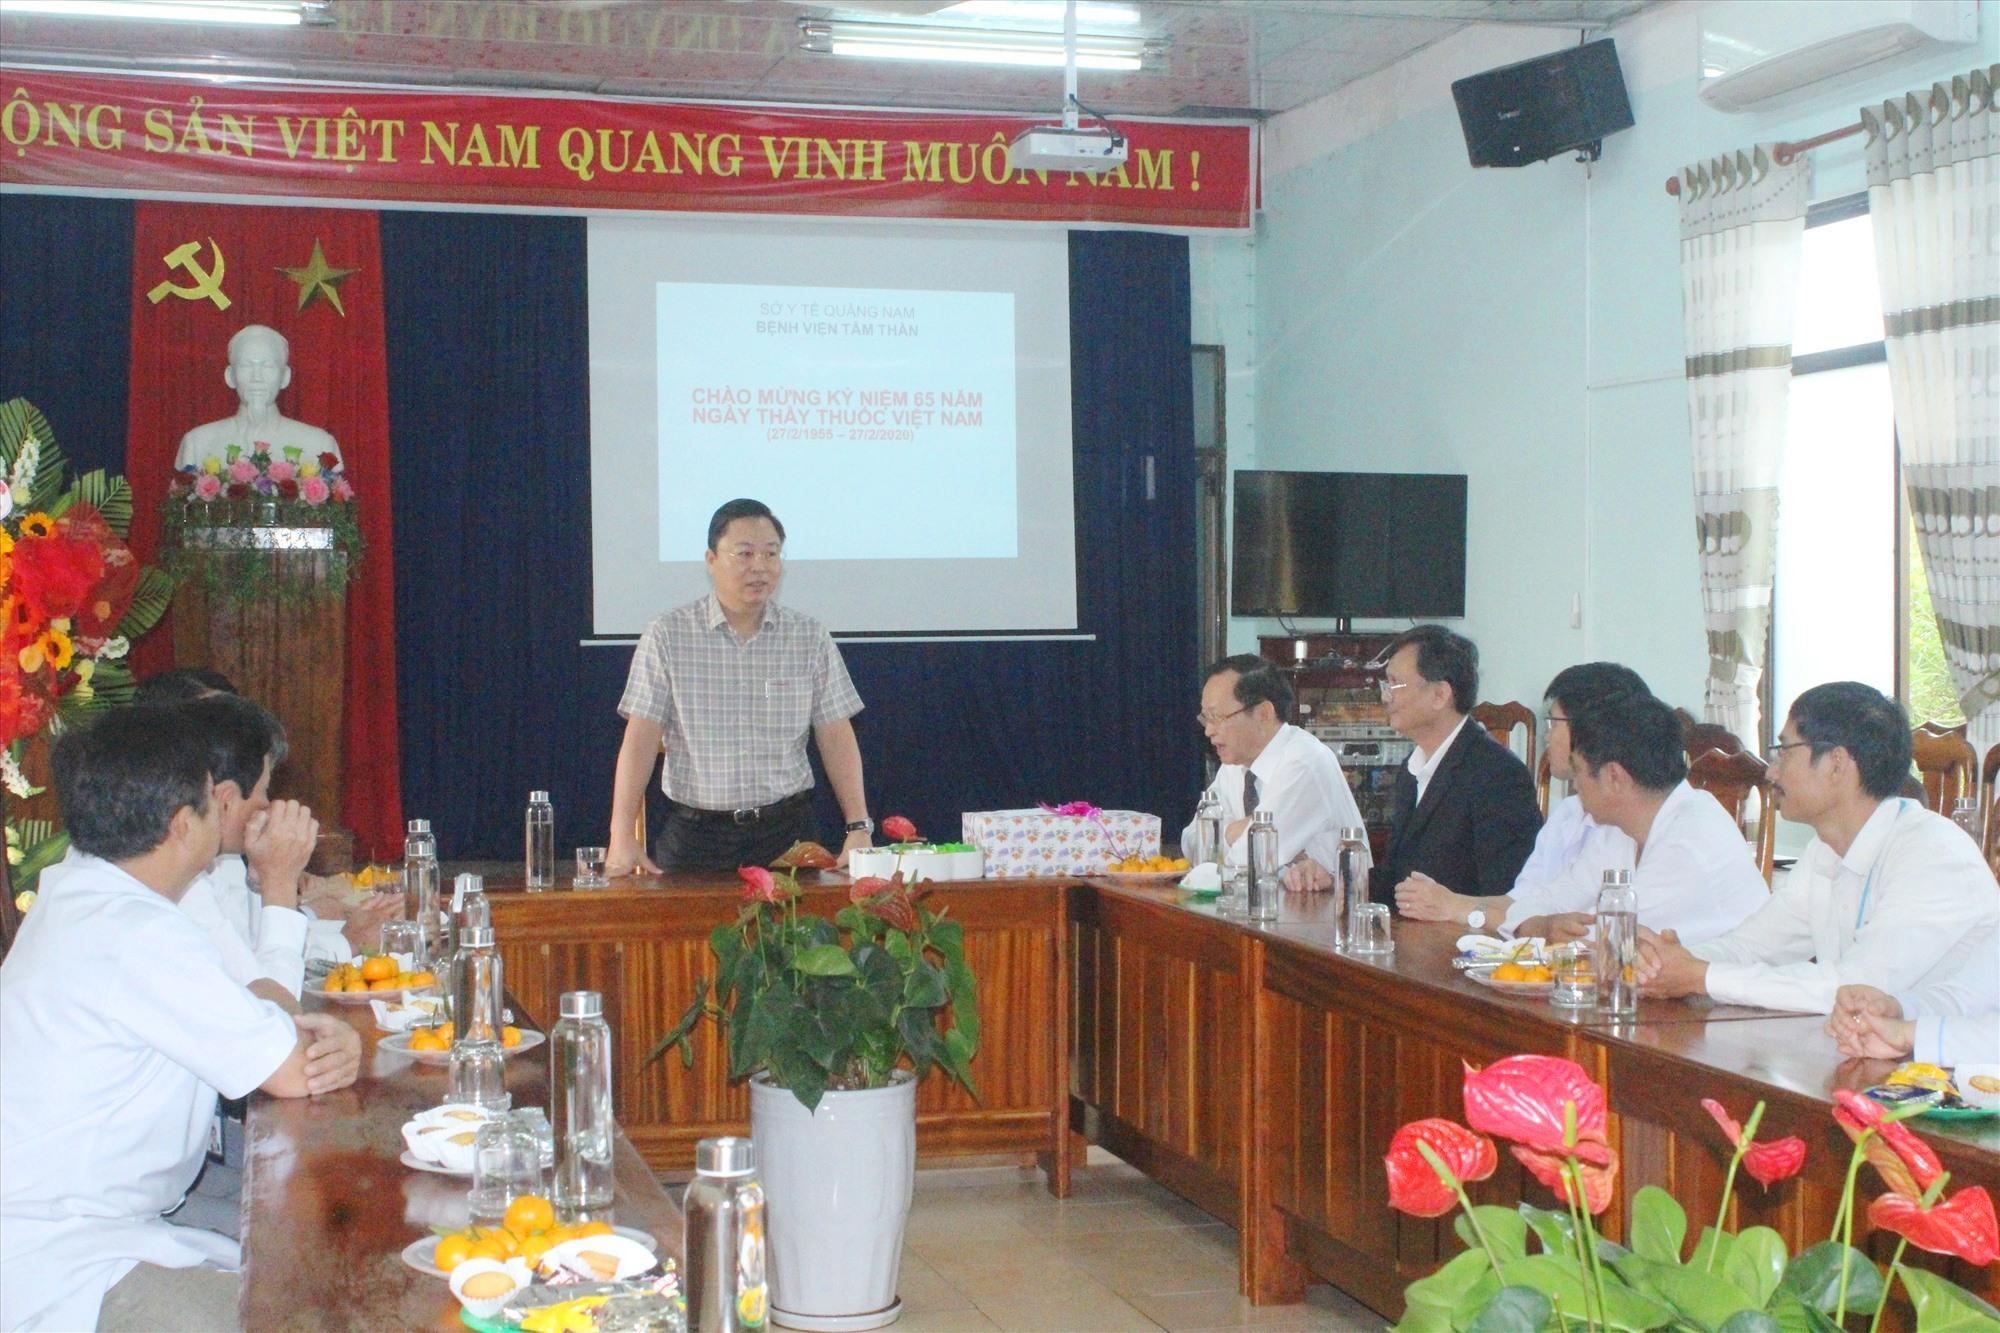 Chủ tịch UBND tỉnh Lê Trí Thanh ghi nhận những nỗ lực của đội ngũ y bác sĩ tại các cơ sở y tế. Ảnh: D.L